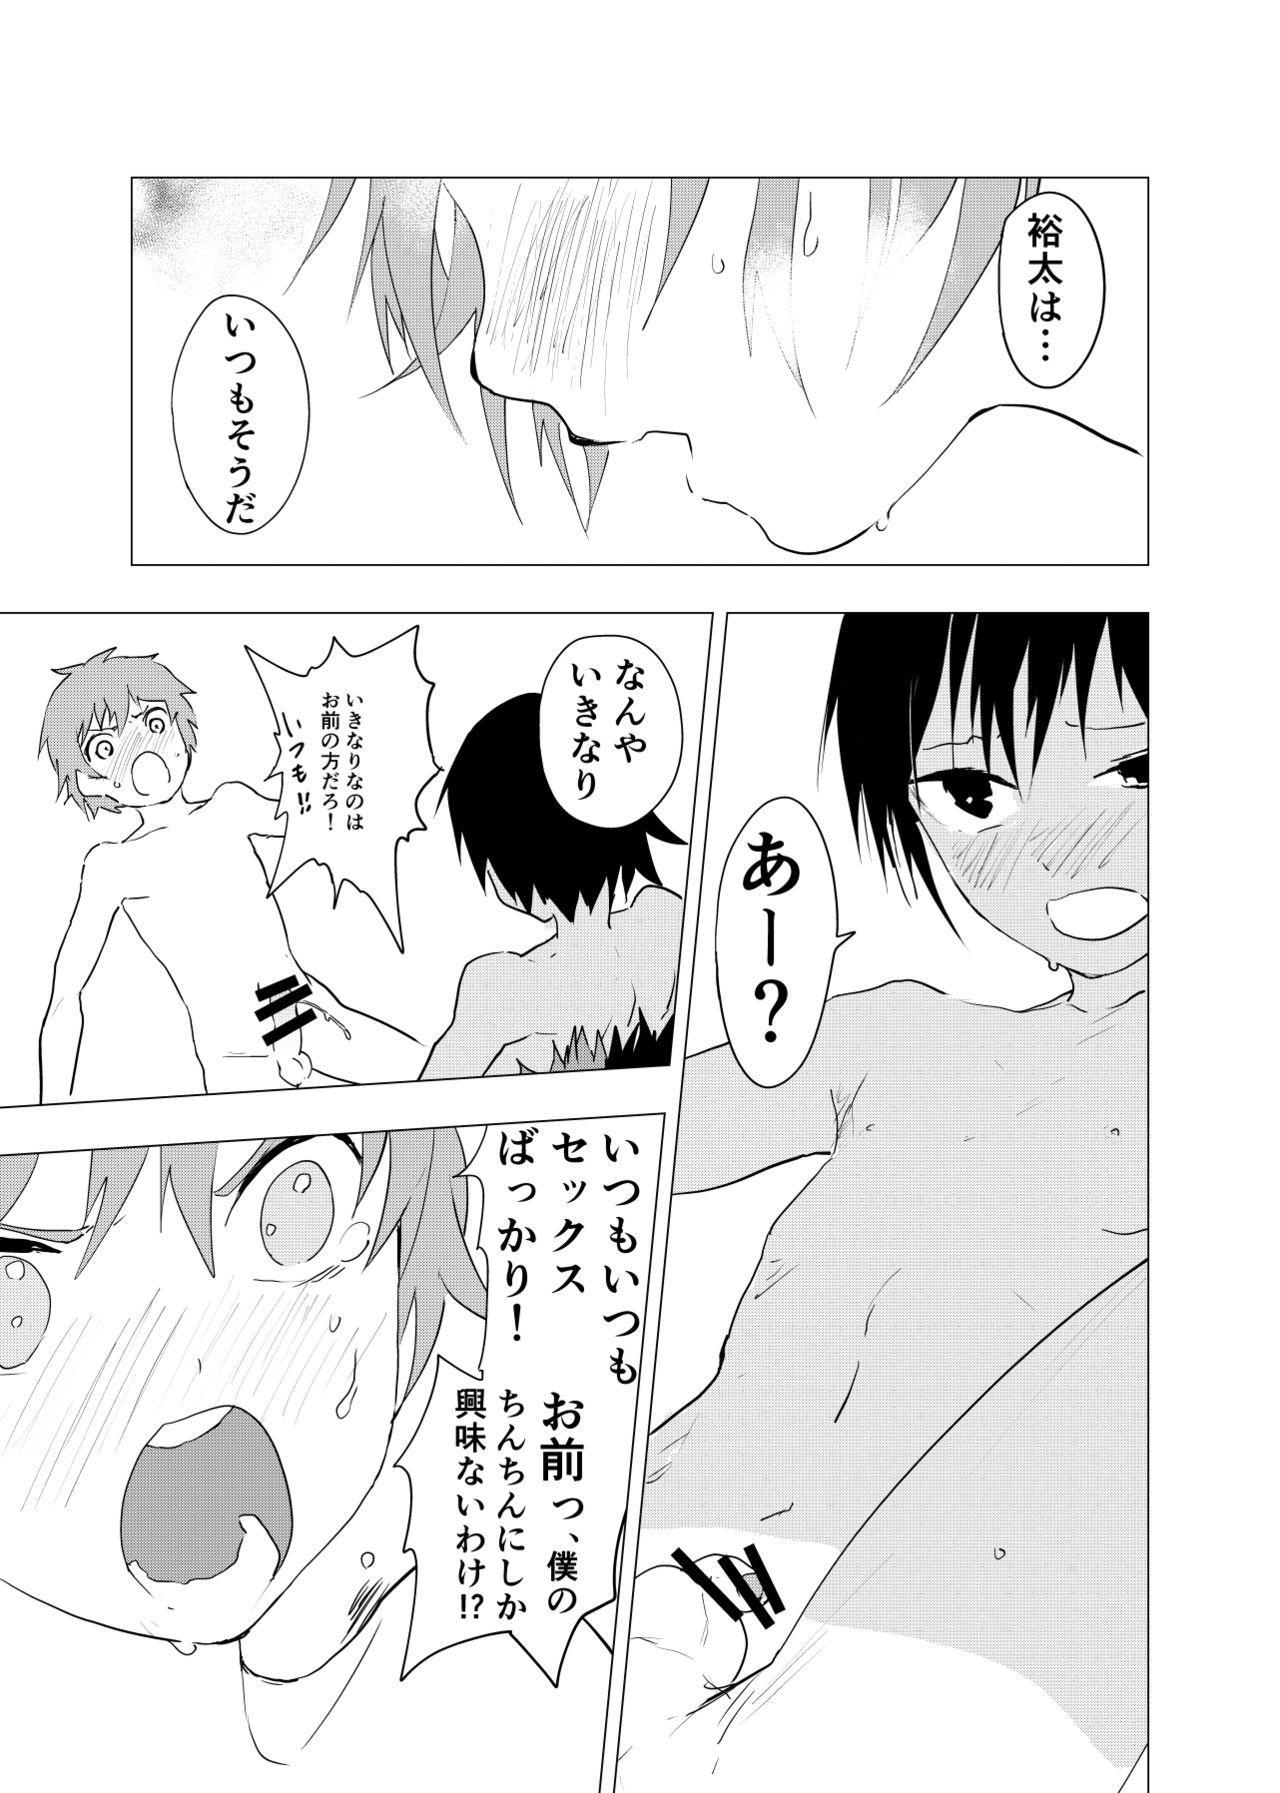 Inaka no Uke Shounen to Tokai no Seme Shounen no Ero Manga 1-6 148